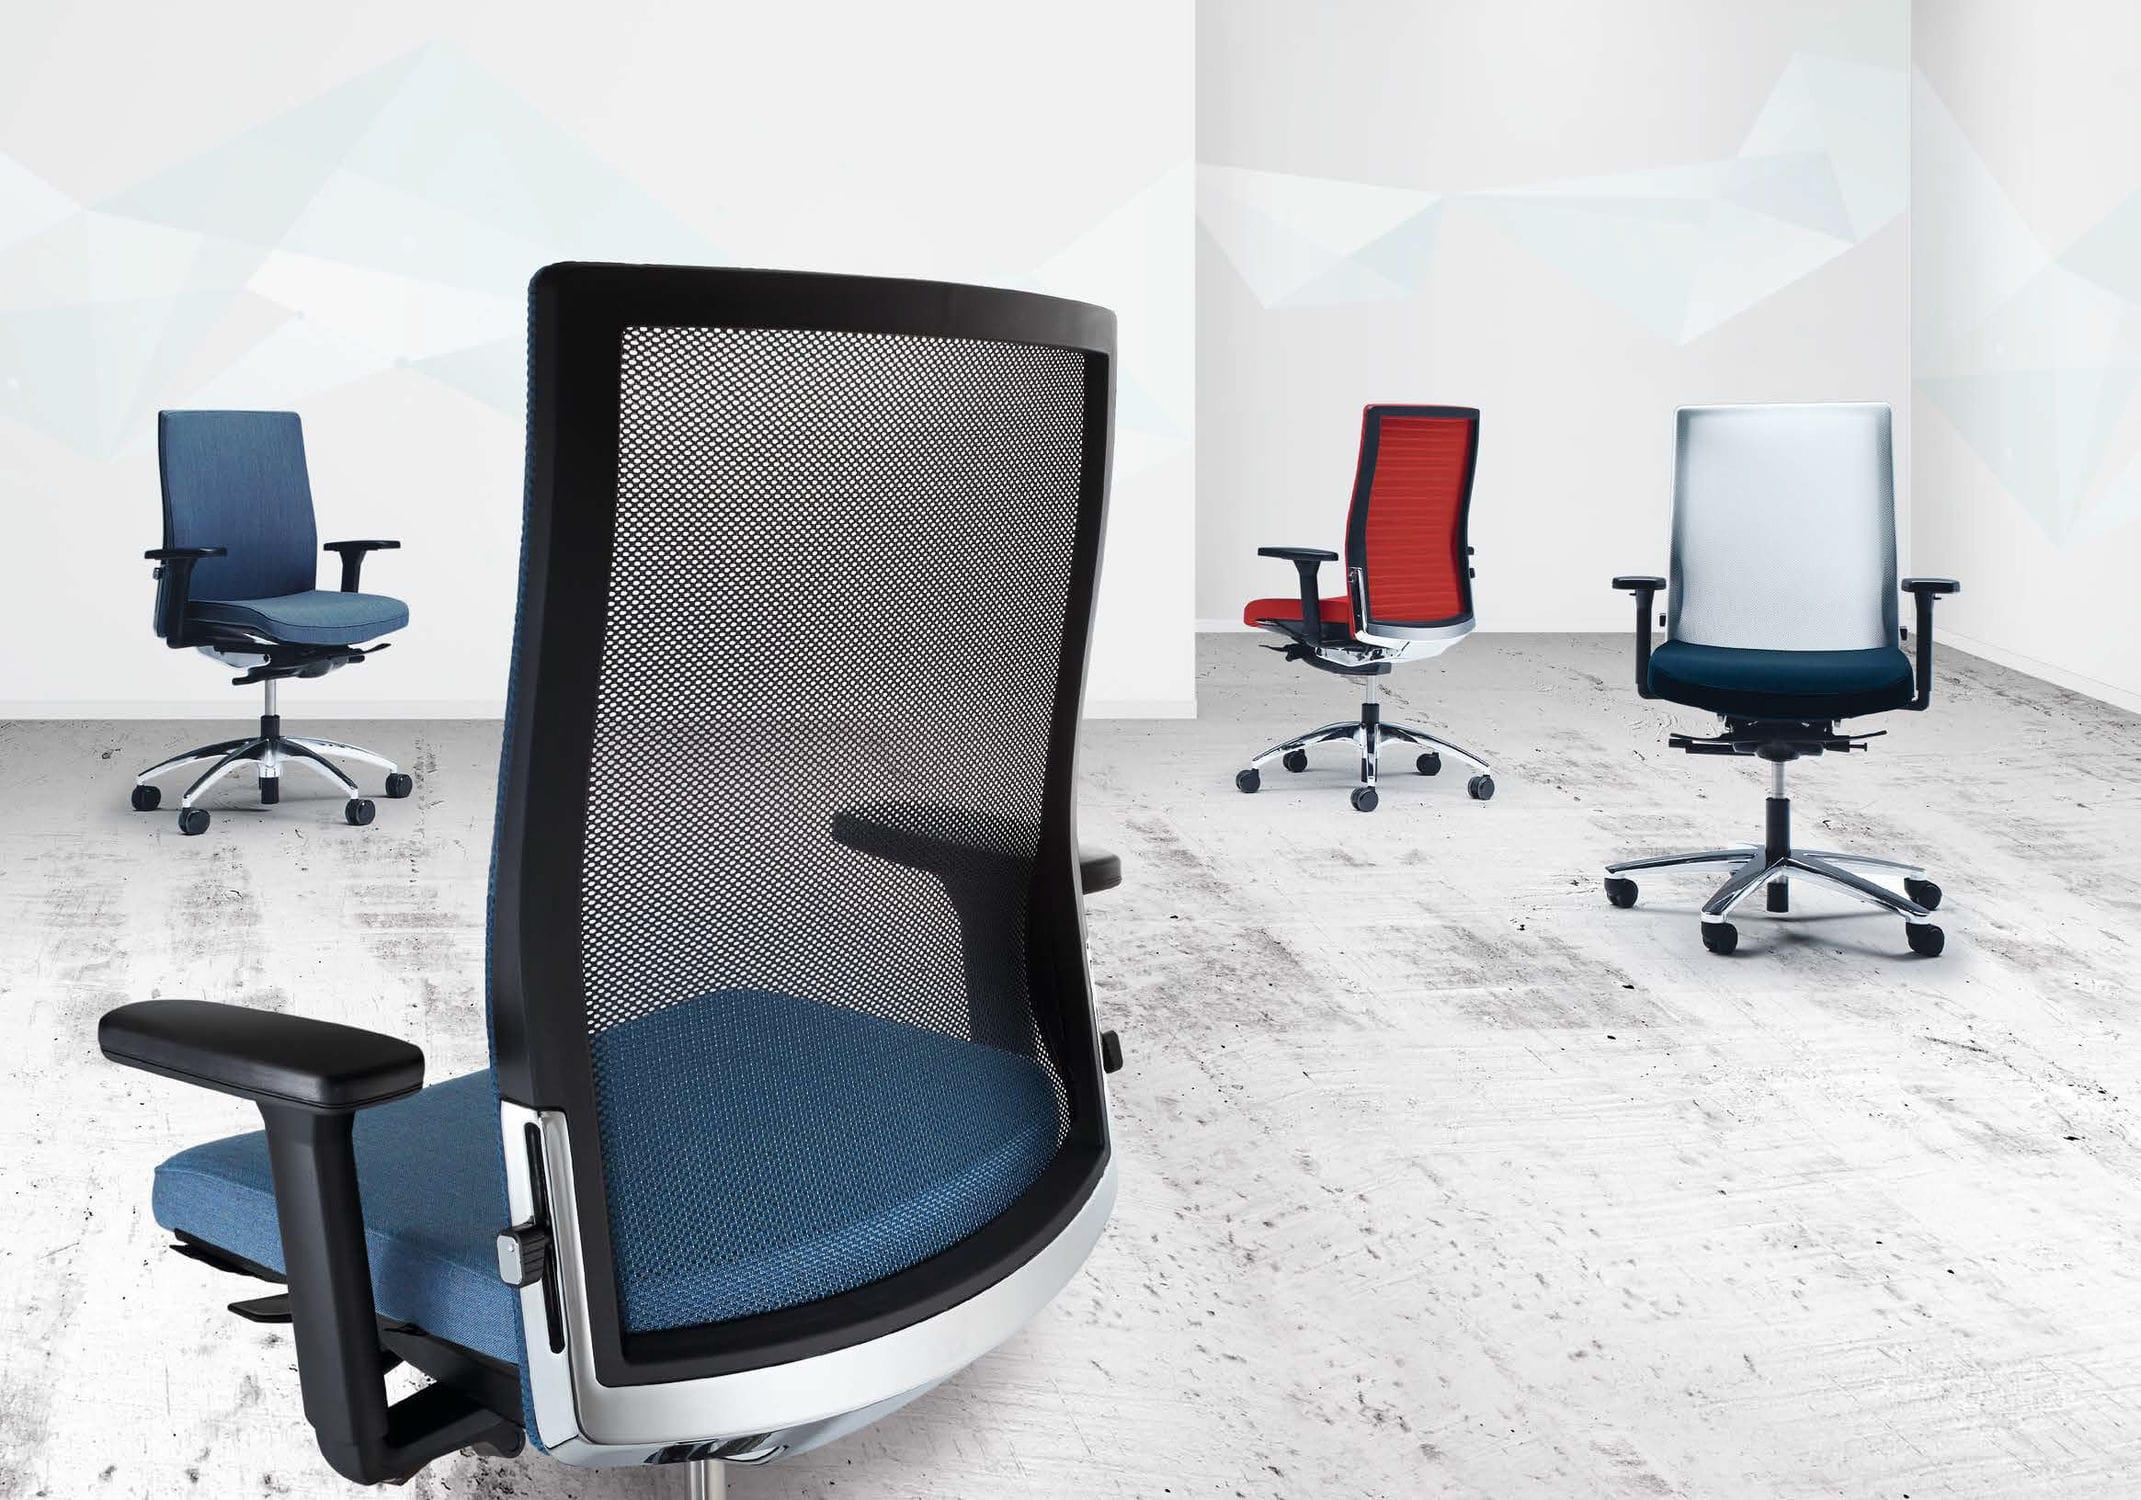 moderner sessel für büro / stoff / drehbar / mit rollen - okay.ii, Hause deko